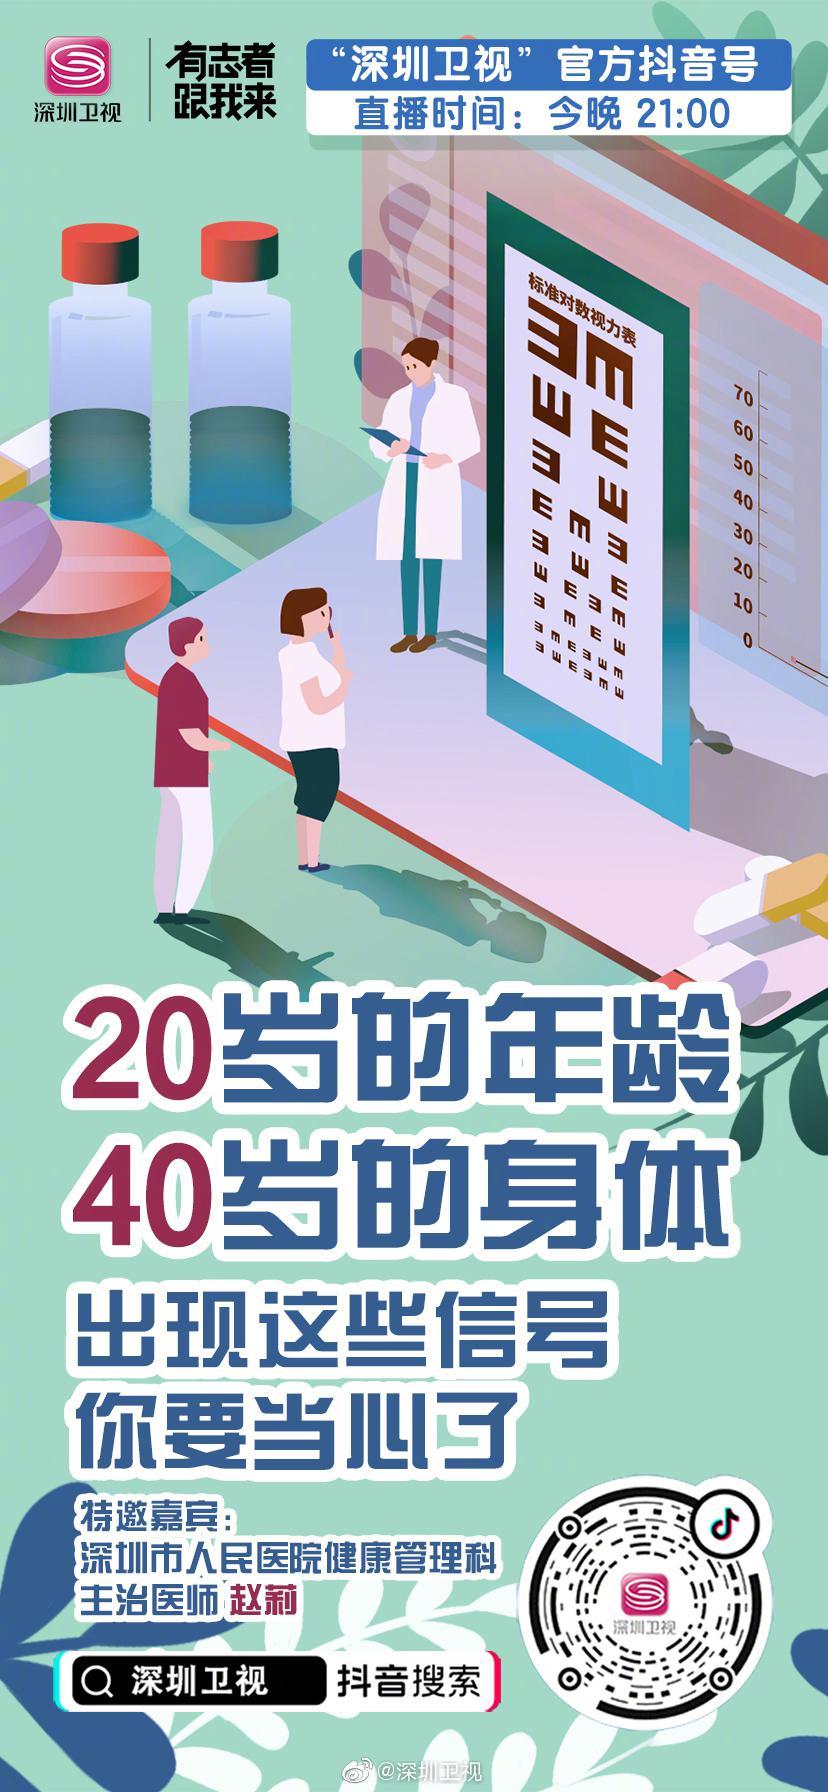 今晚9点⏰ 深圳卫视抖音直播间 深圳市人民医院健康管理科 赵莉主